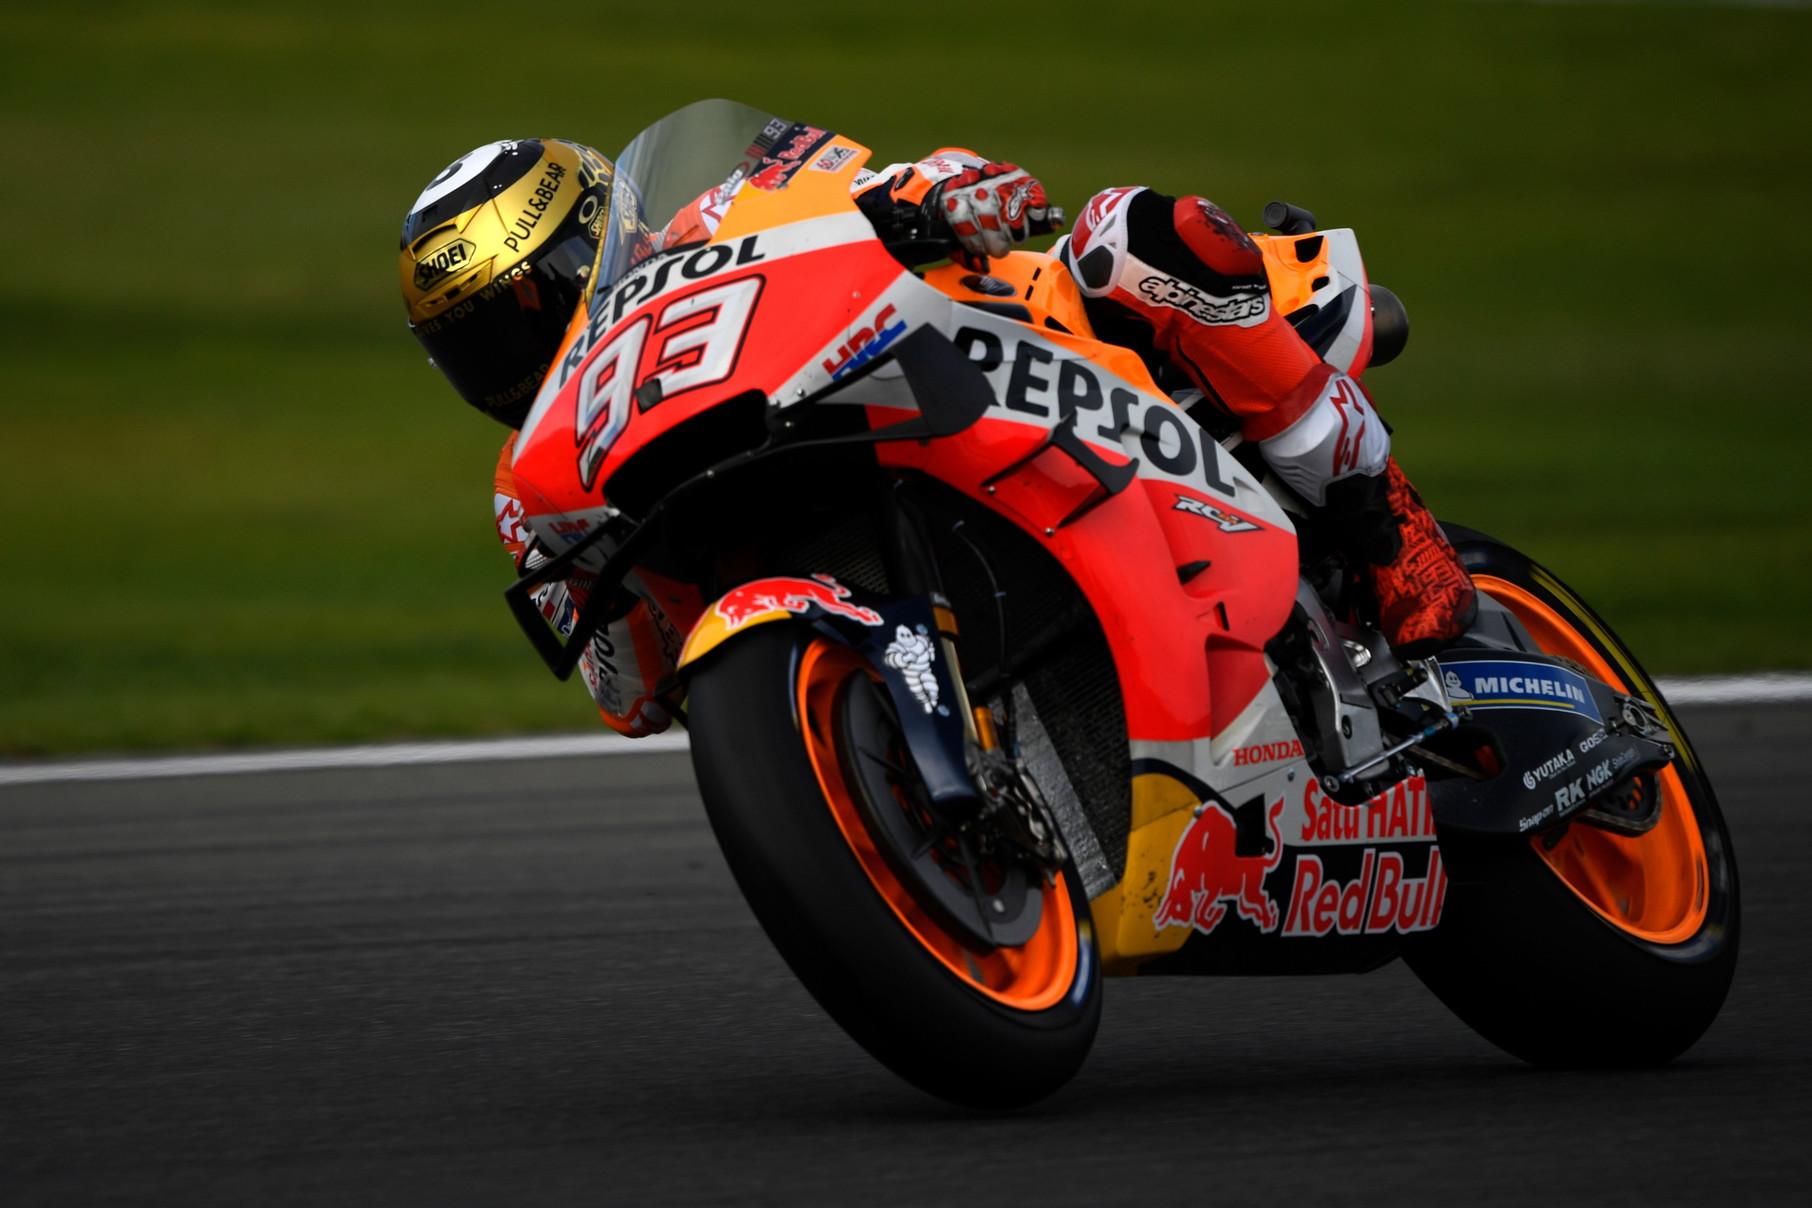 Il campione del mondo domina anche la gara conclusiva a Valencia e regala il triplete alla Honda: titolo piloti, costruttori e team vanno in Giappone<br /><br />